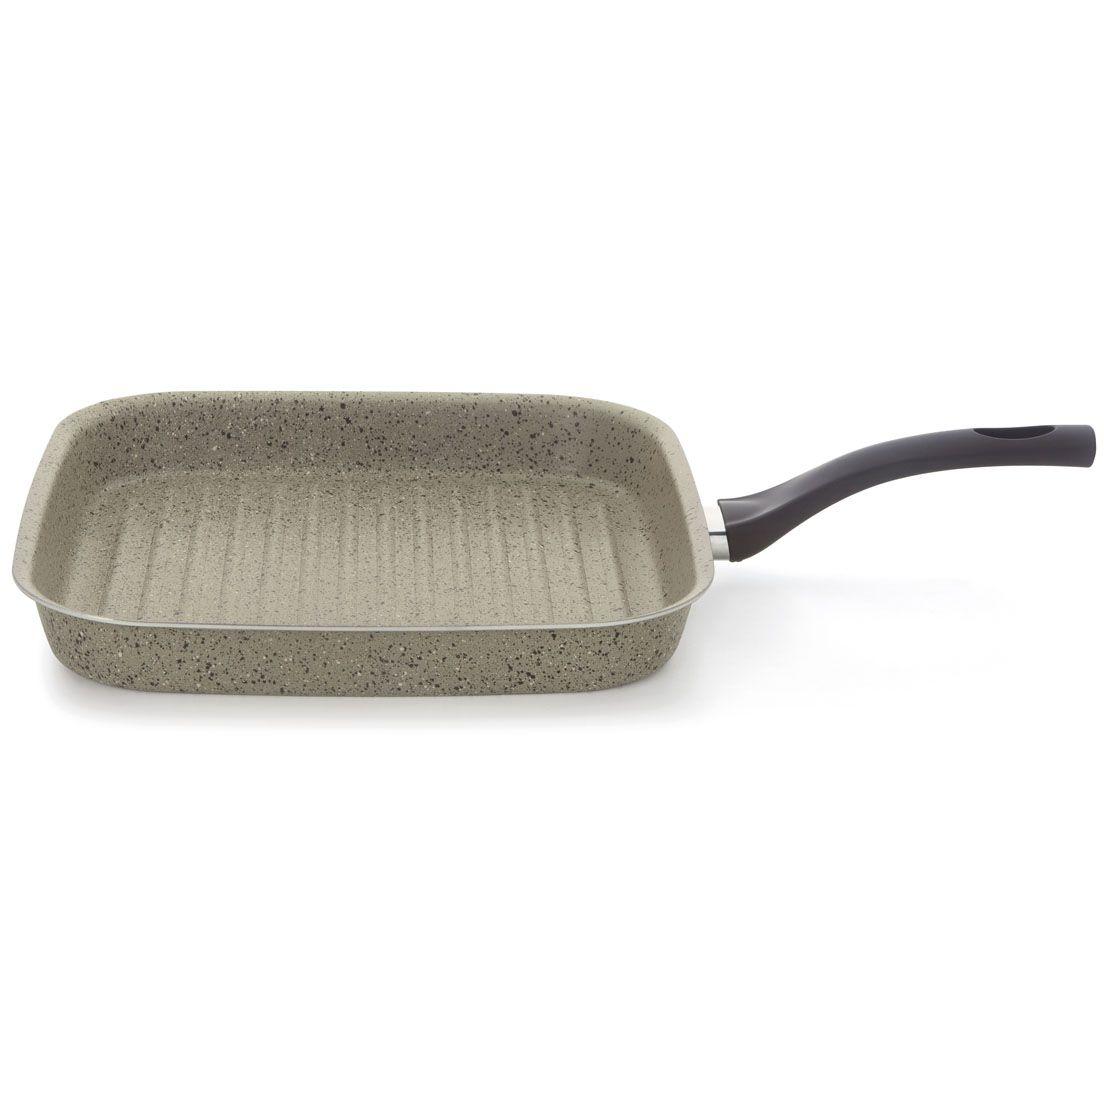 Frigideira 30Cm Bistequeira de Alumínio Canelada e Alça de Baquelite Quadrada Preta Mineral